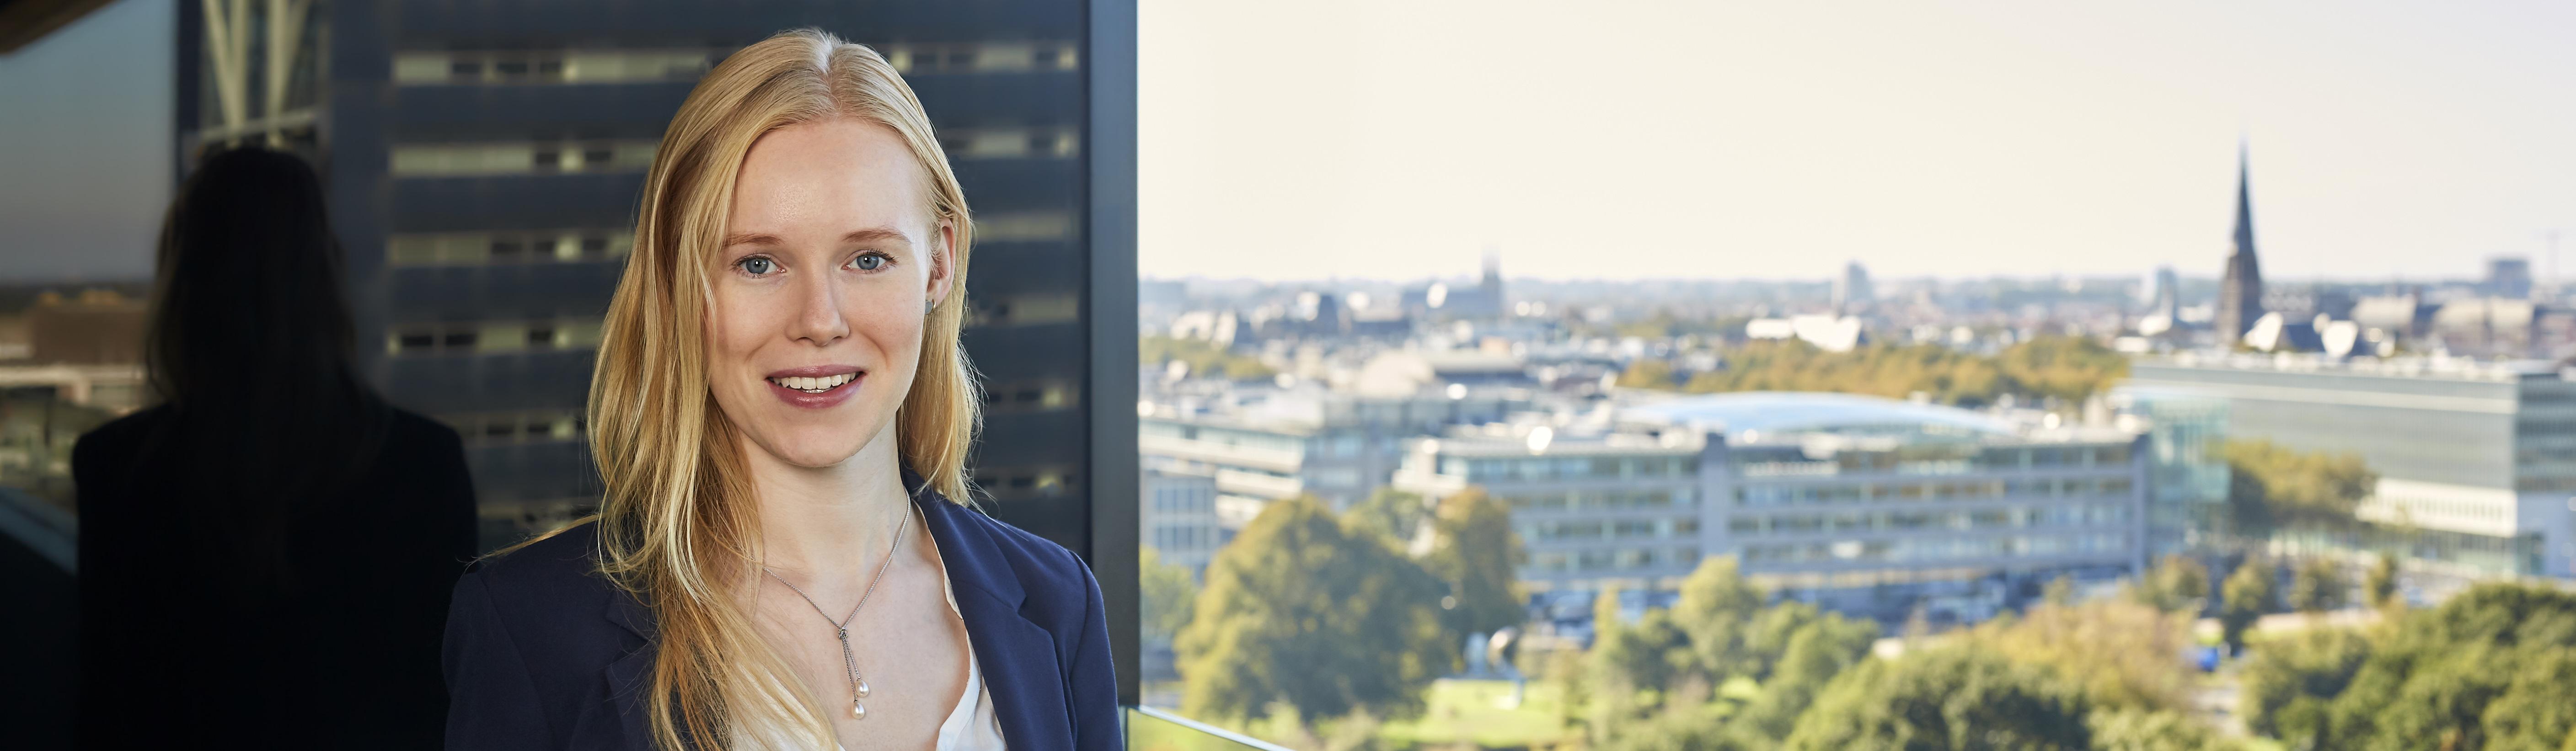 Susanne Kingma, advocaat Pels Rijcken